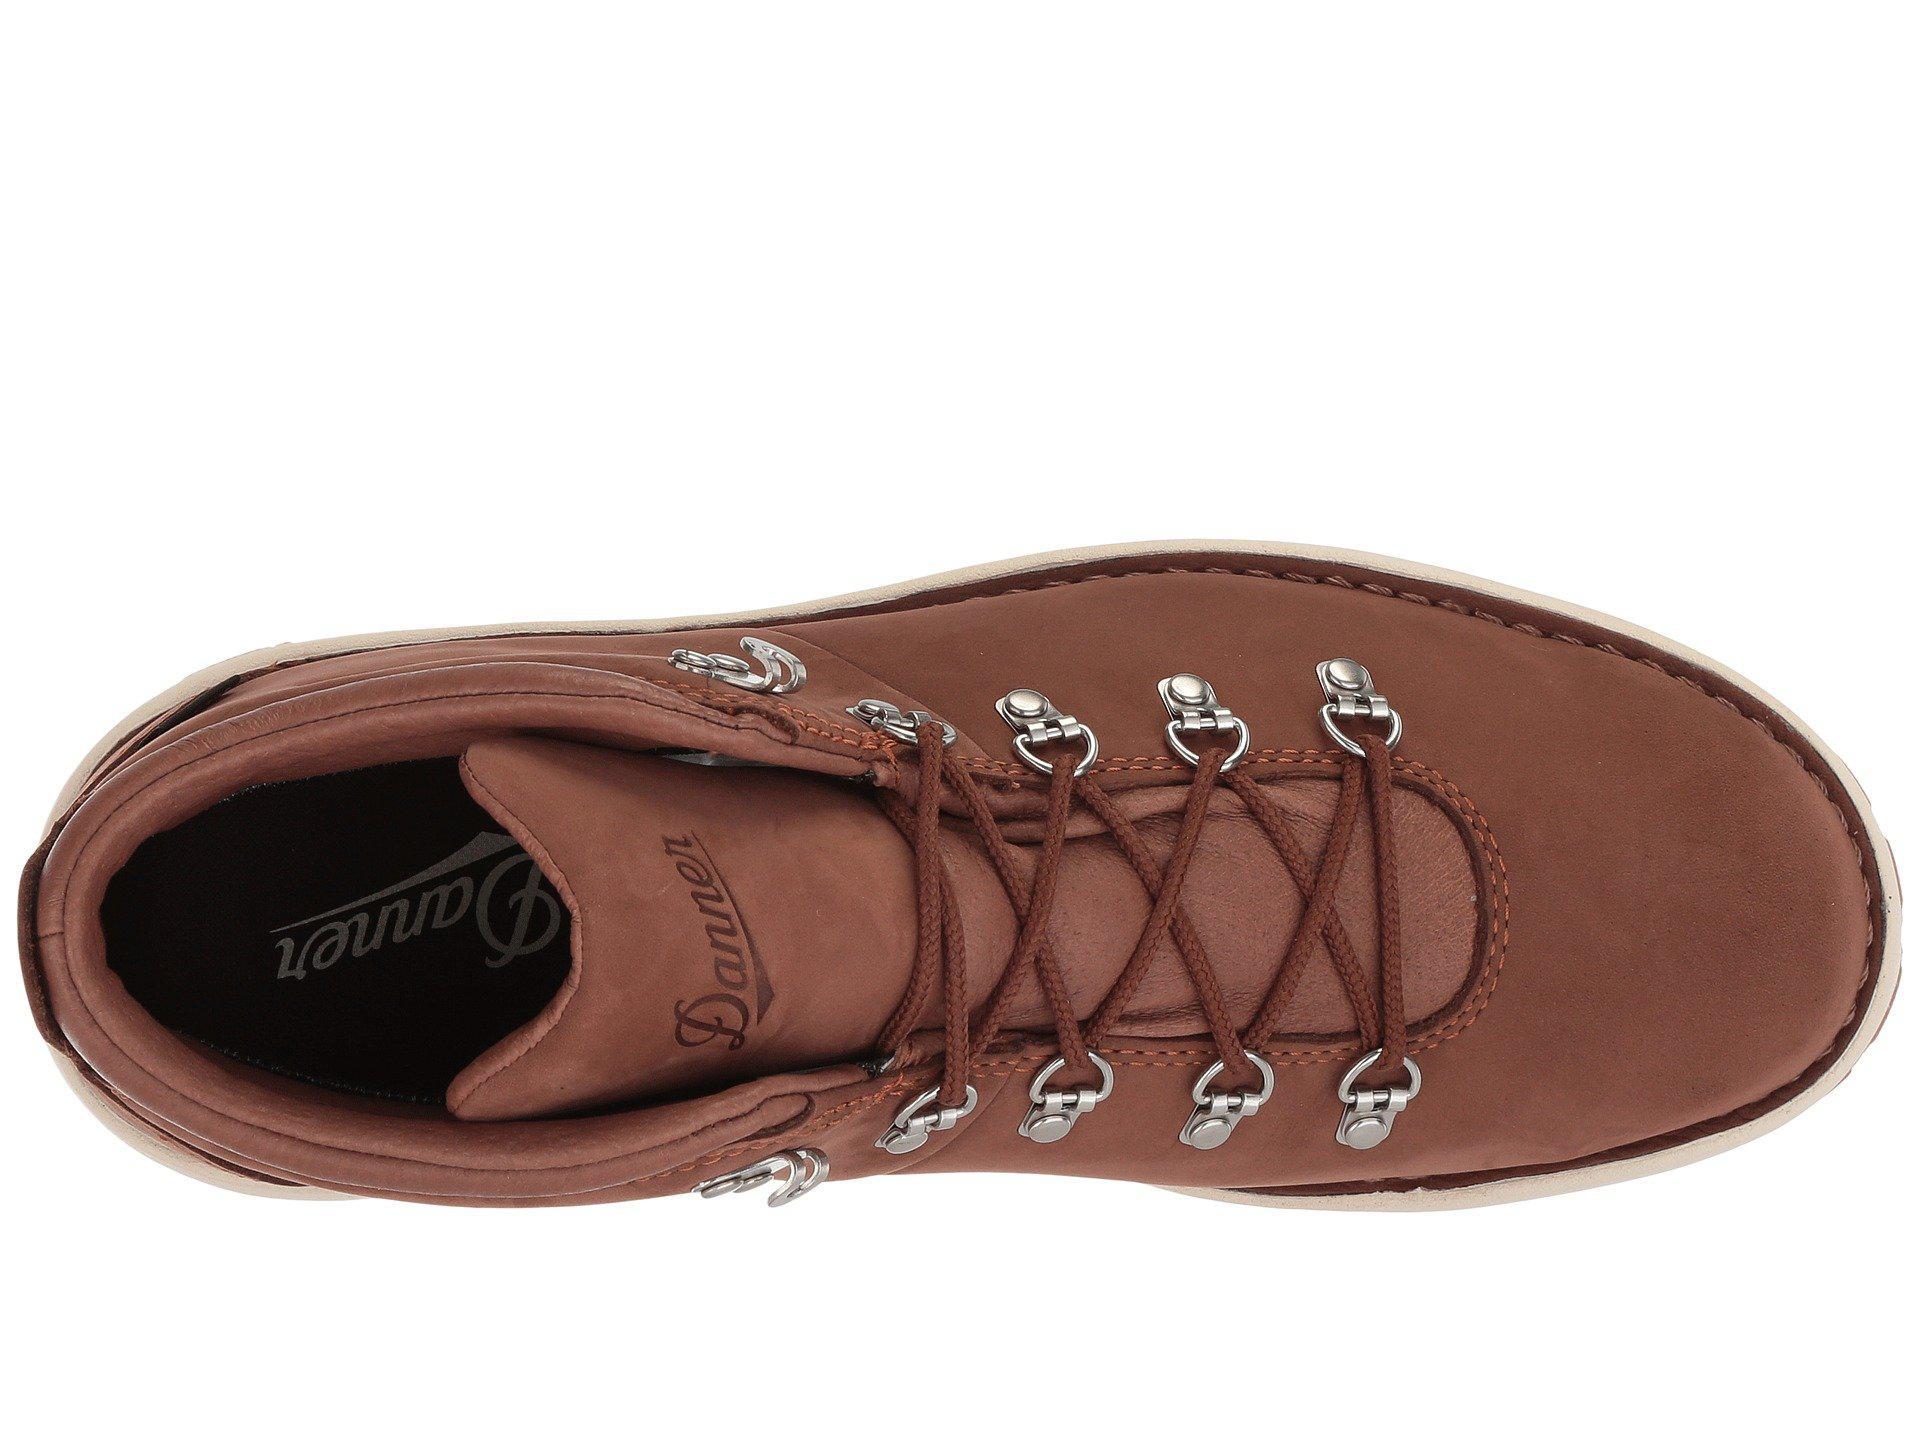 4bebe20705c710 Danner - Tramline 917 (brown) Men s Shoes for Men - Lyst. View fullscreen